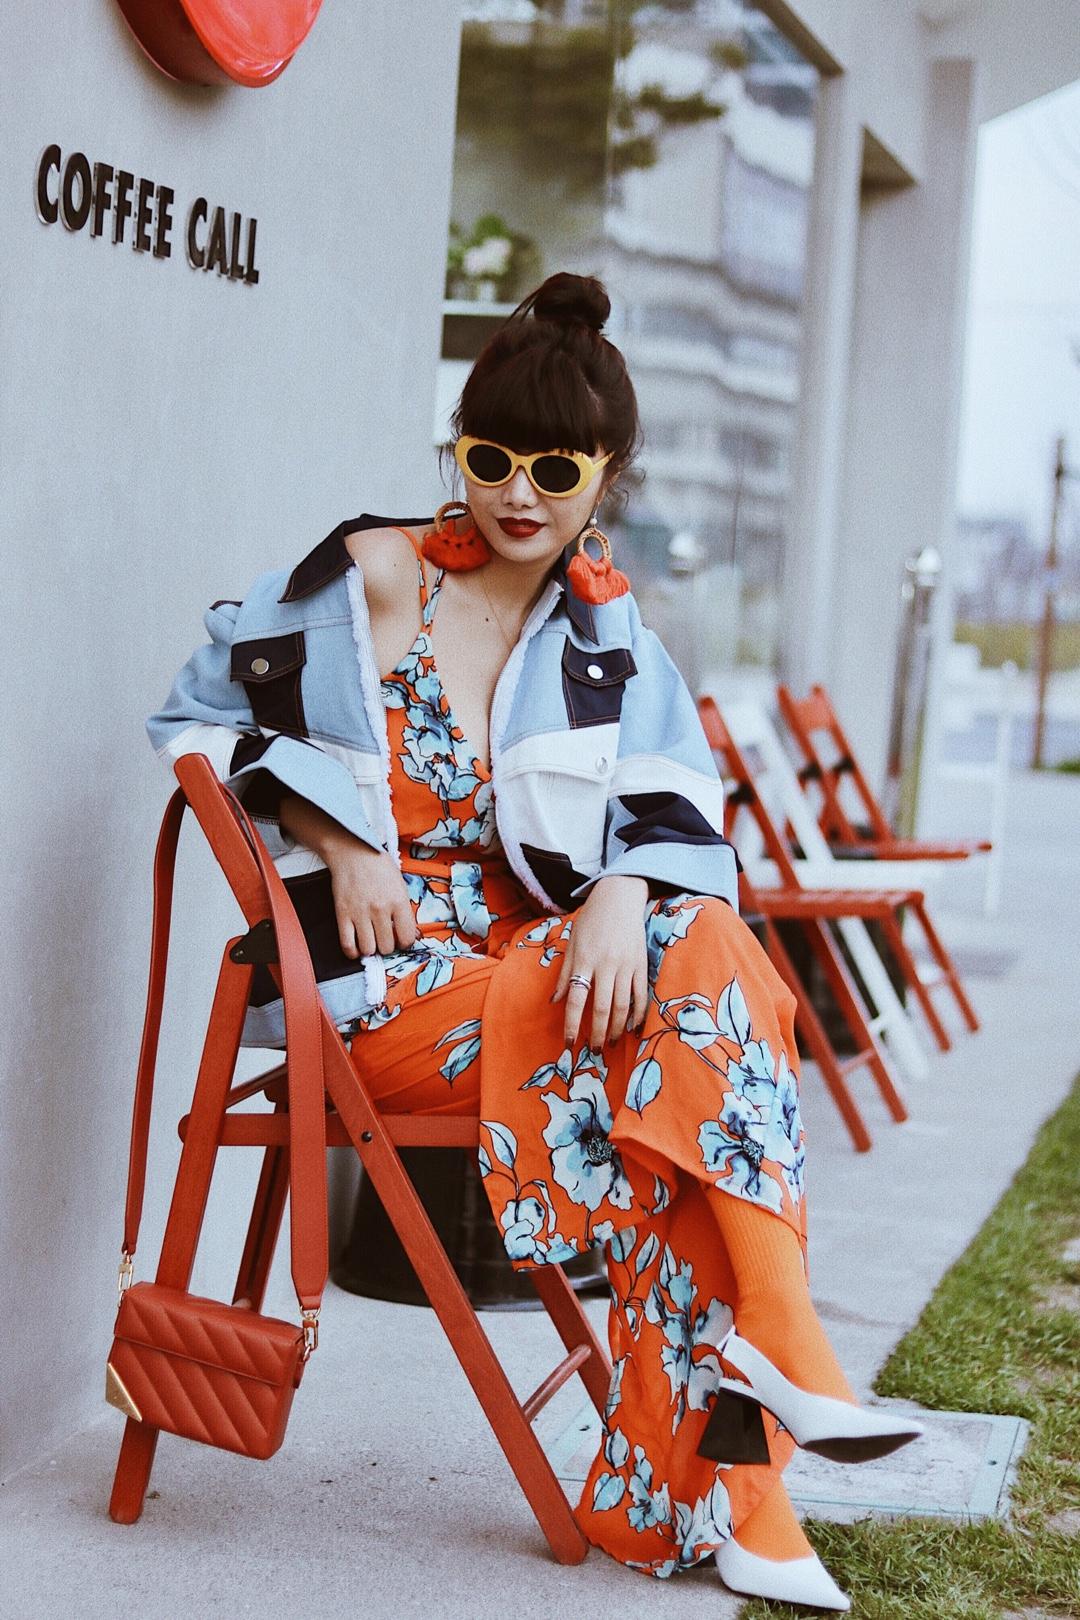 #能闻到春天气息的色彩穿搭#Fake姐穿搭日志 春日的惬意旅行, 总是充满着阳光与海滩, 迎着风踏着浪。 不是在度假, 就是在去度假的路上, 快来开启完美假日模式吧! 给疲惫的心情放个假, 带上你最时髦的装备, 去赴一场无与伦比的美妙假期吧!